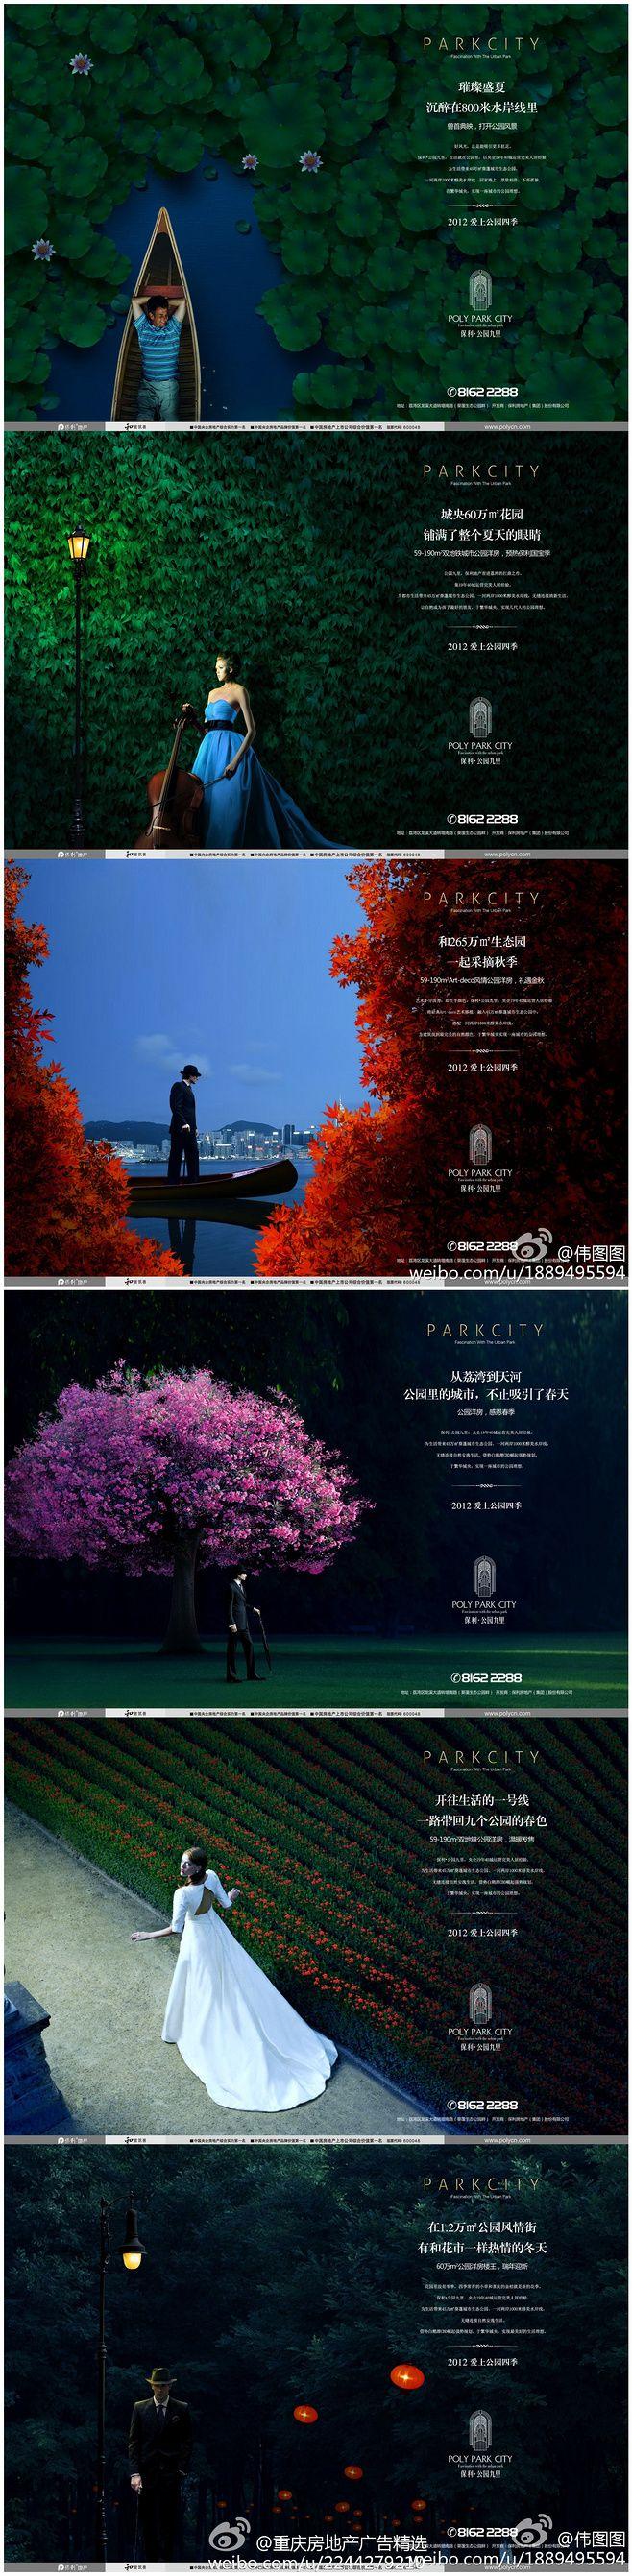 重庆房地产广告精选的照片 - 微相册